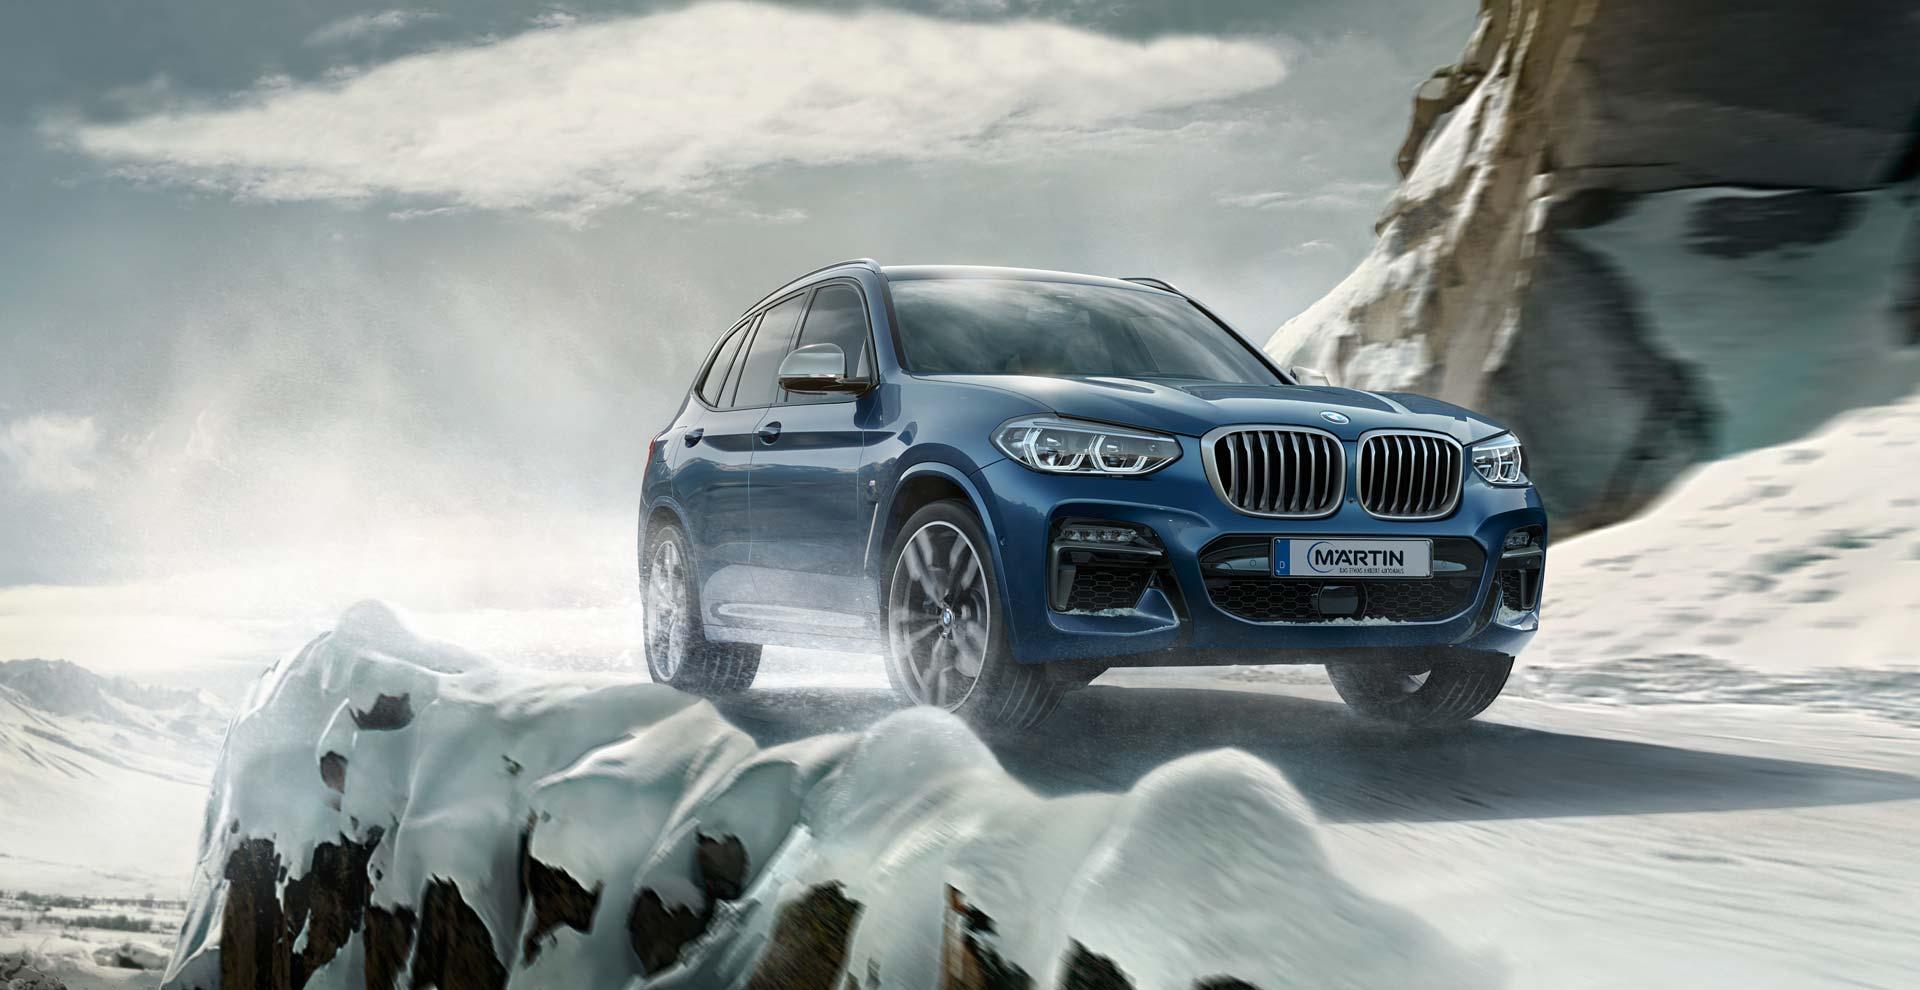 BMW Angebote im Märtin Winter-Sale 2018